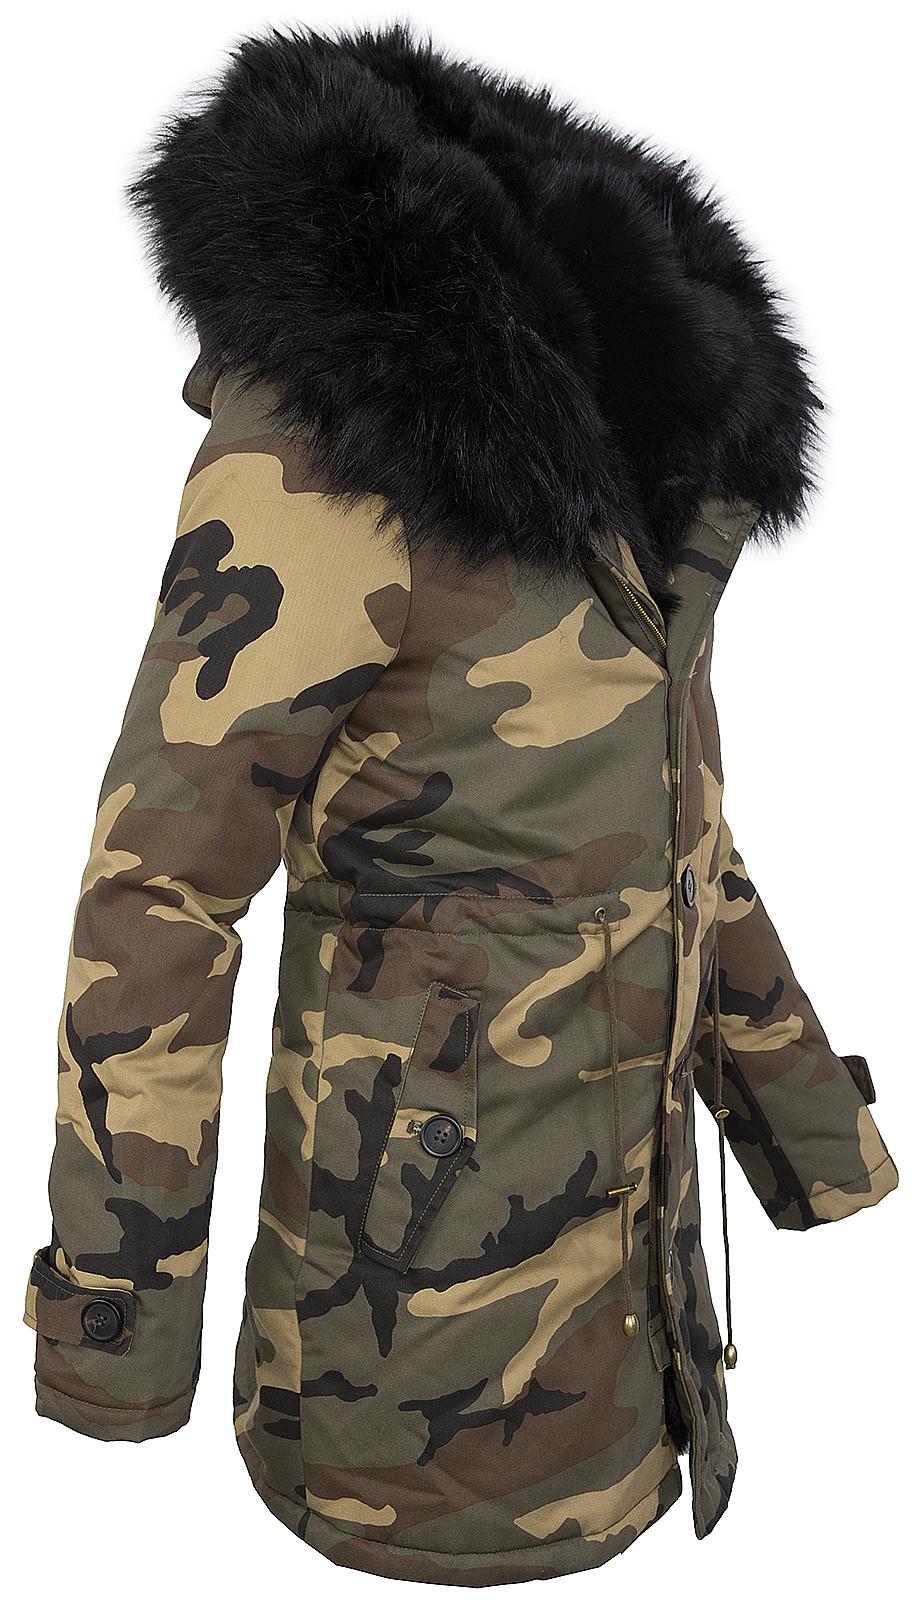 damen winter parka jacke army look damenjacke kunstfell. Black Bedroom Furniture Sets. Home Design Ideas